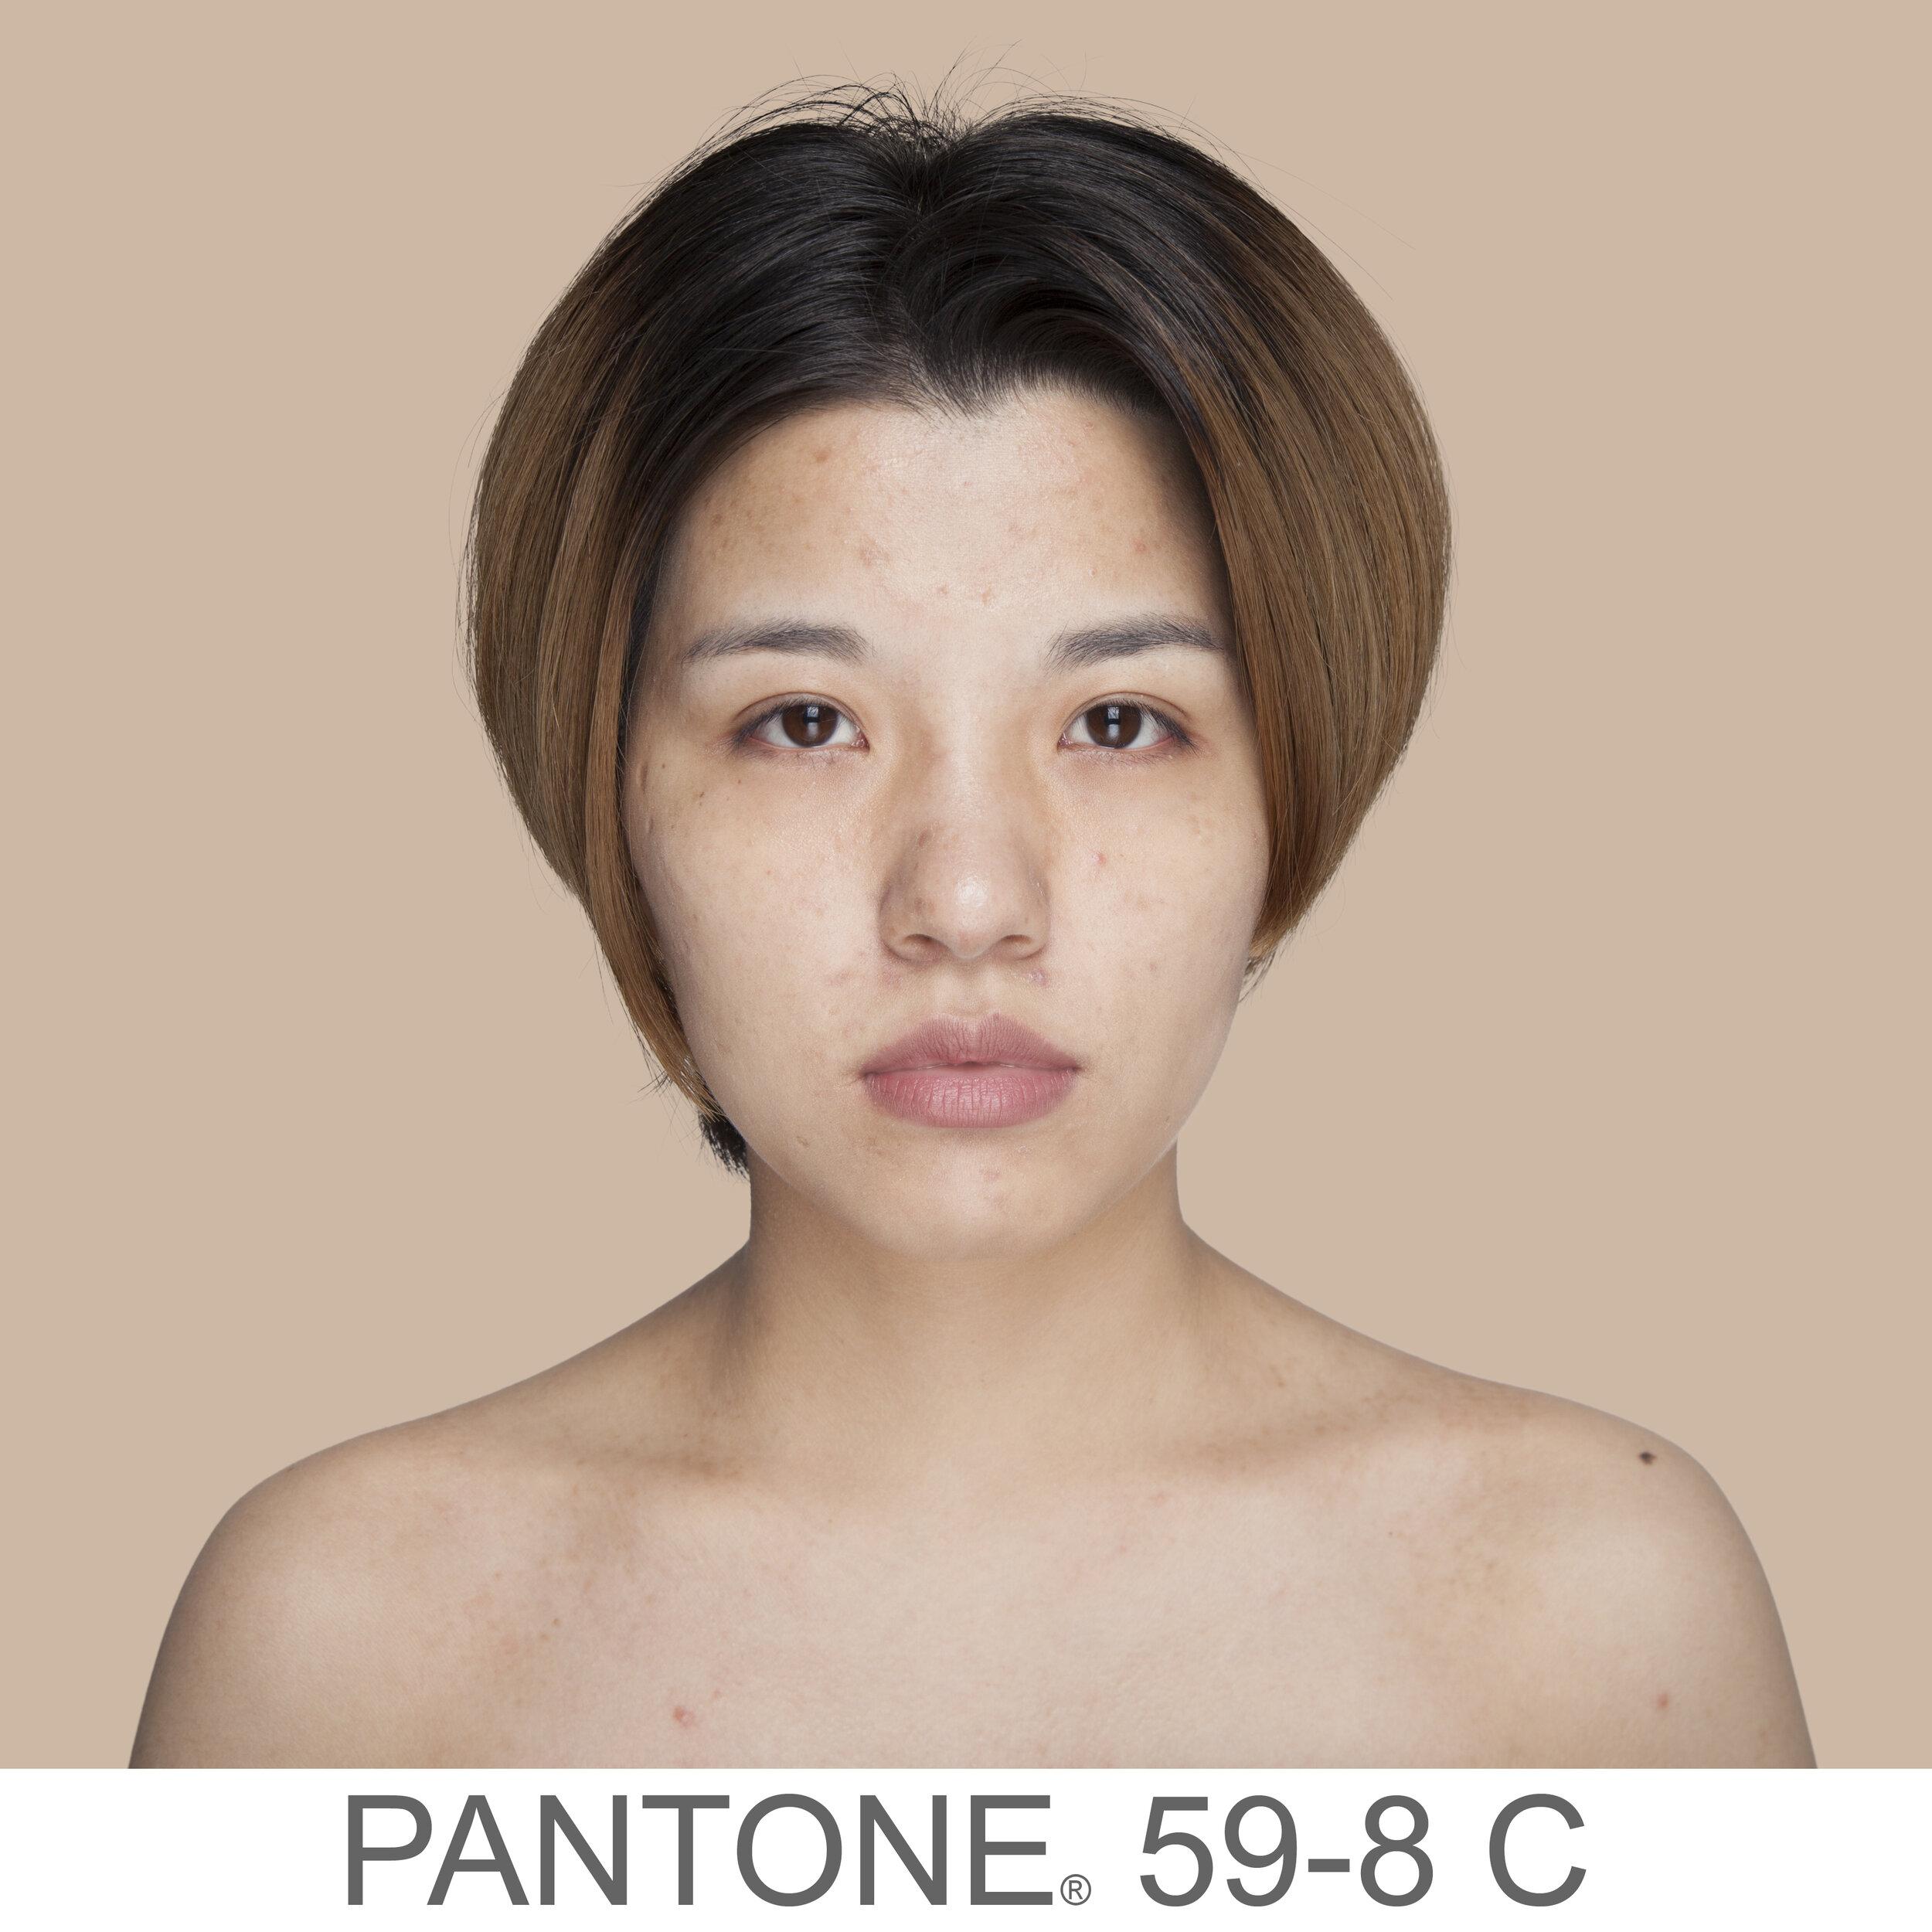 humanae 59-8 C6 CN copia.jpg